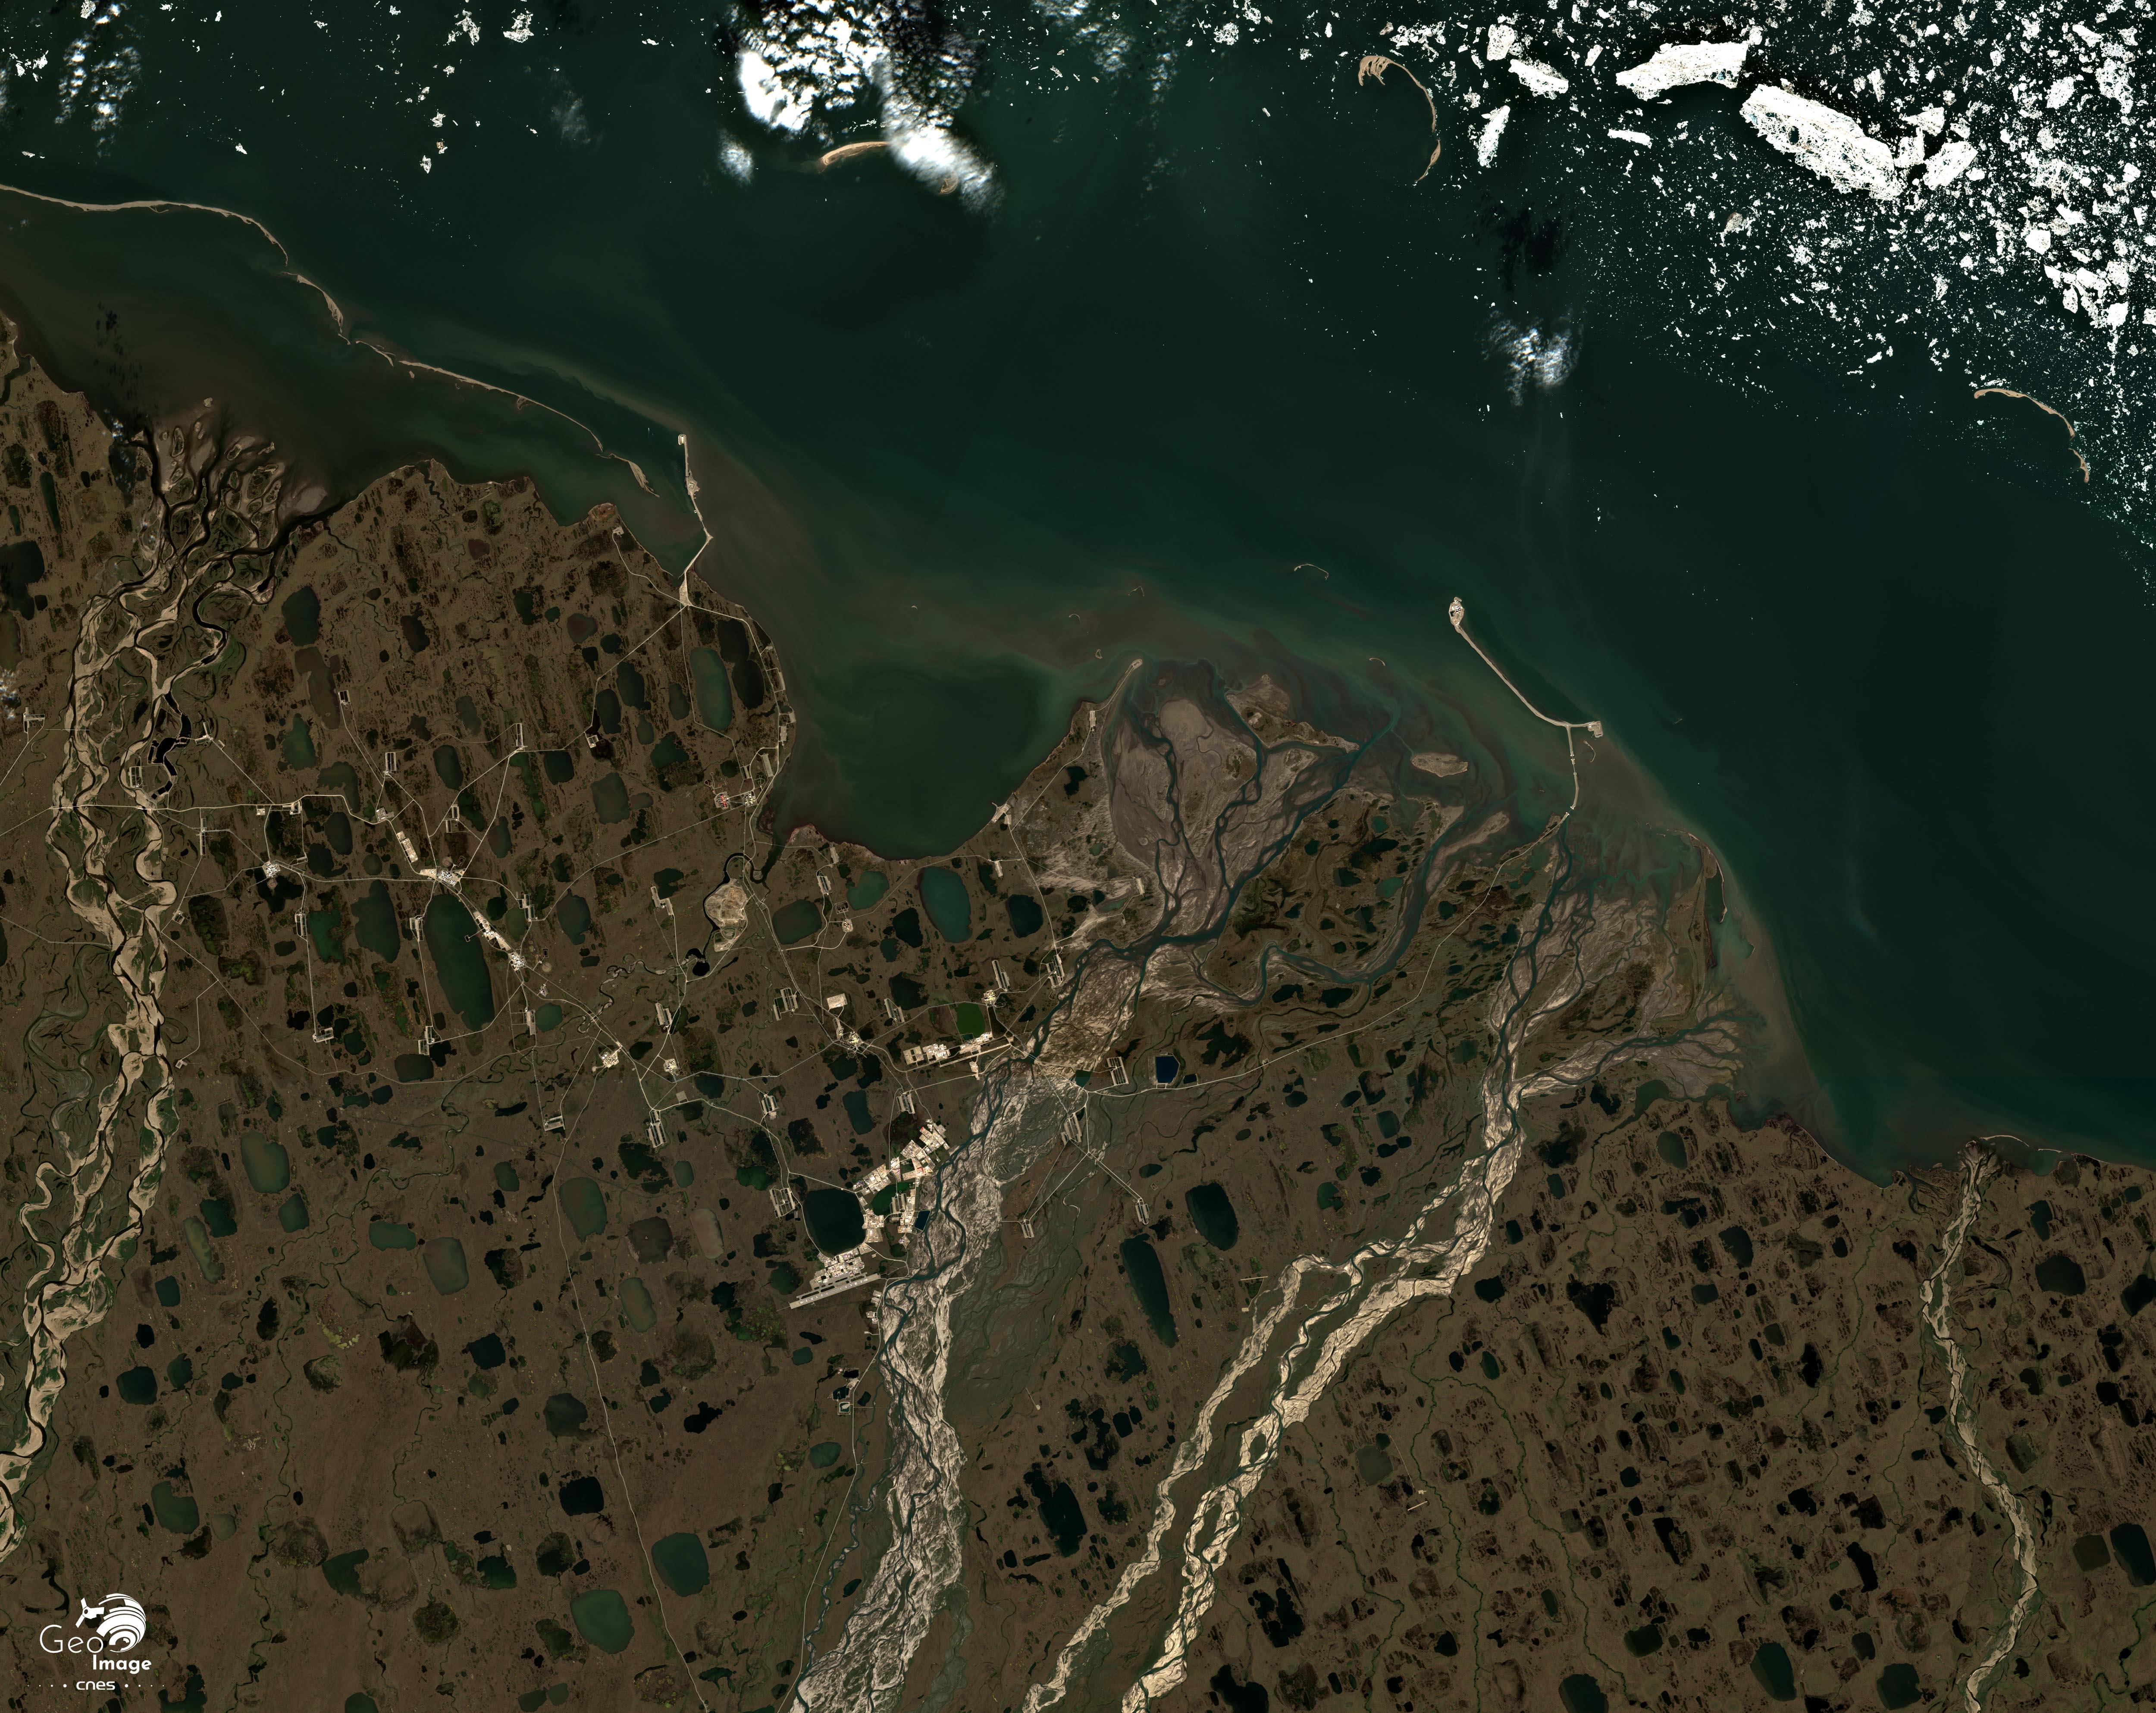 États-Unis. Alaska : Prudhoe Bay, les hydrocarbures du Grand Nord entre épuisement, relance et développement durable